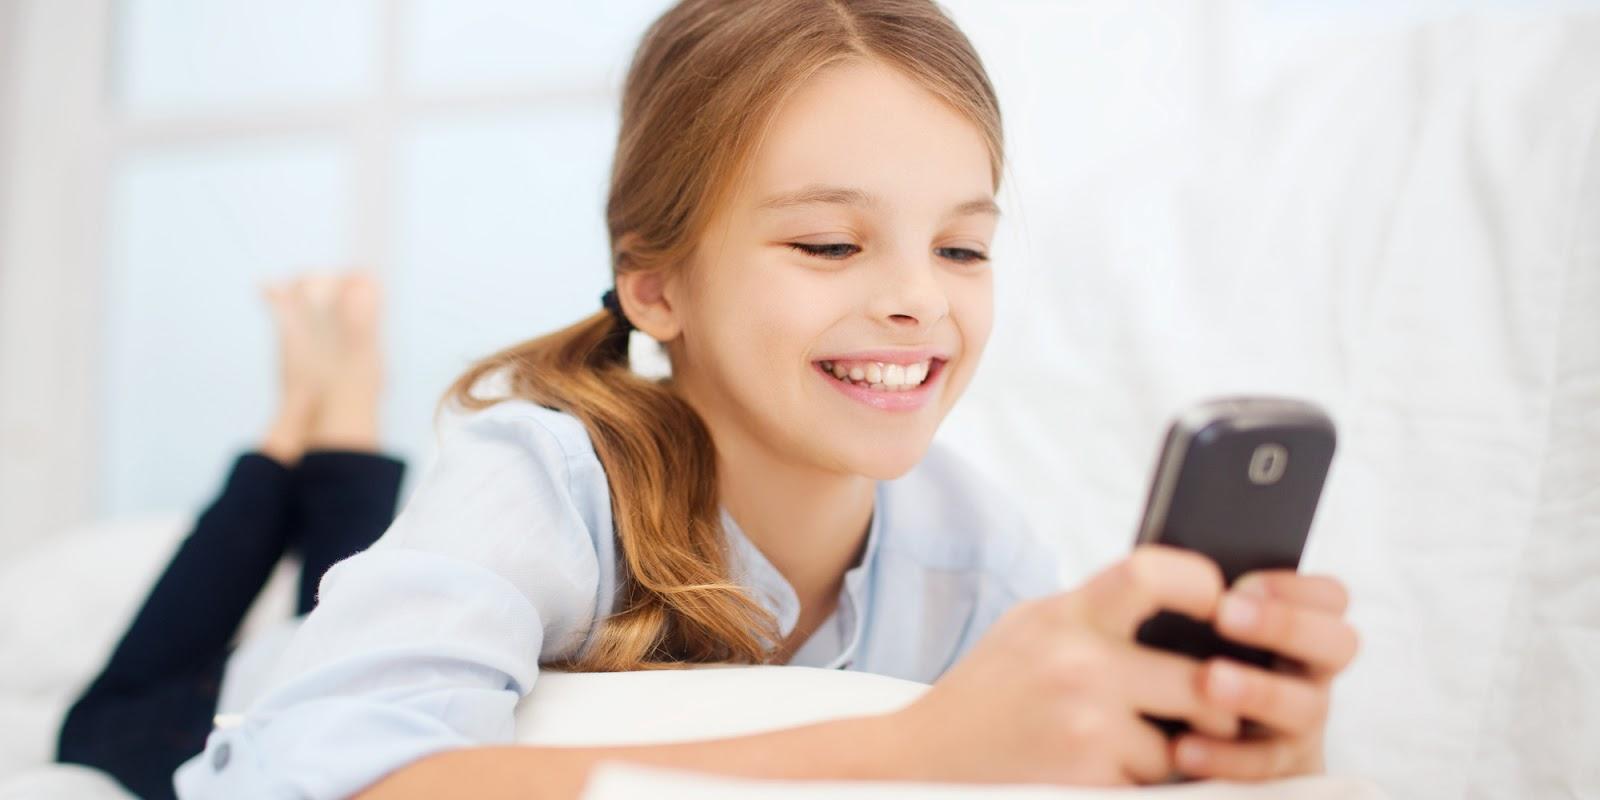 Dangers of Smart Phones for Children